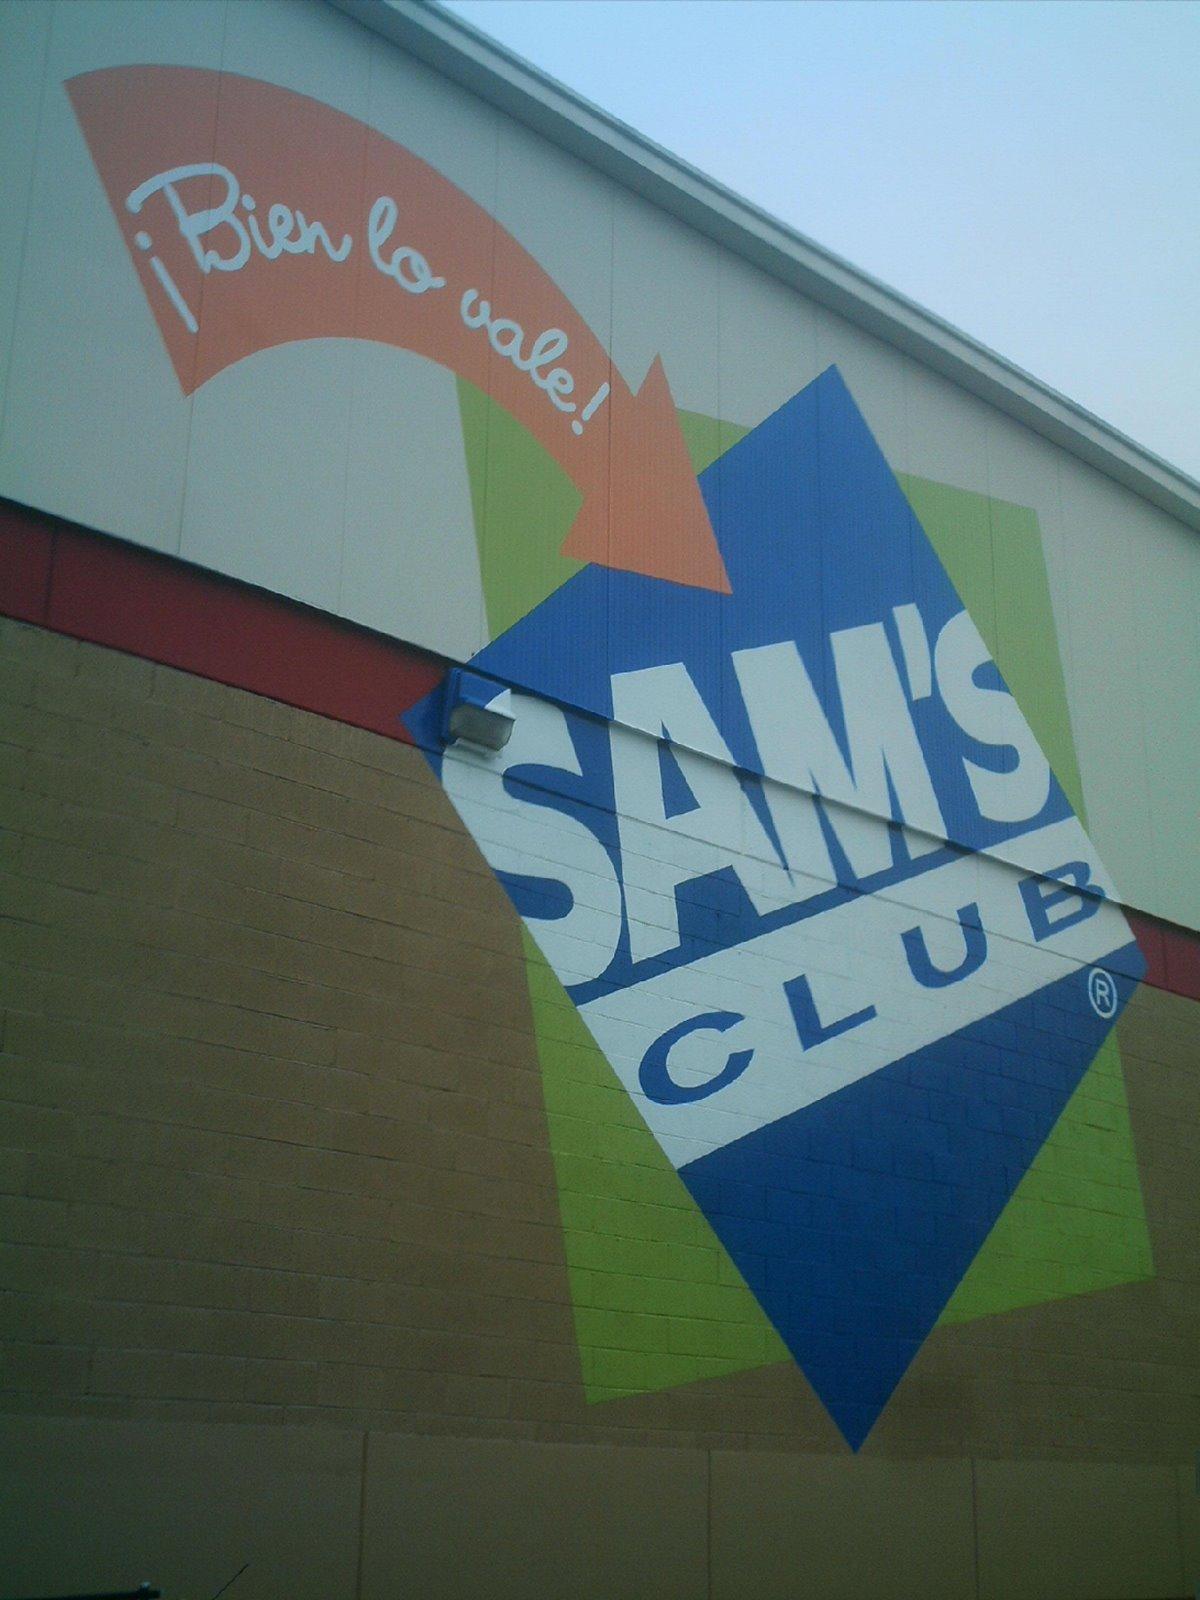 [sams3]